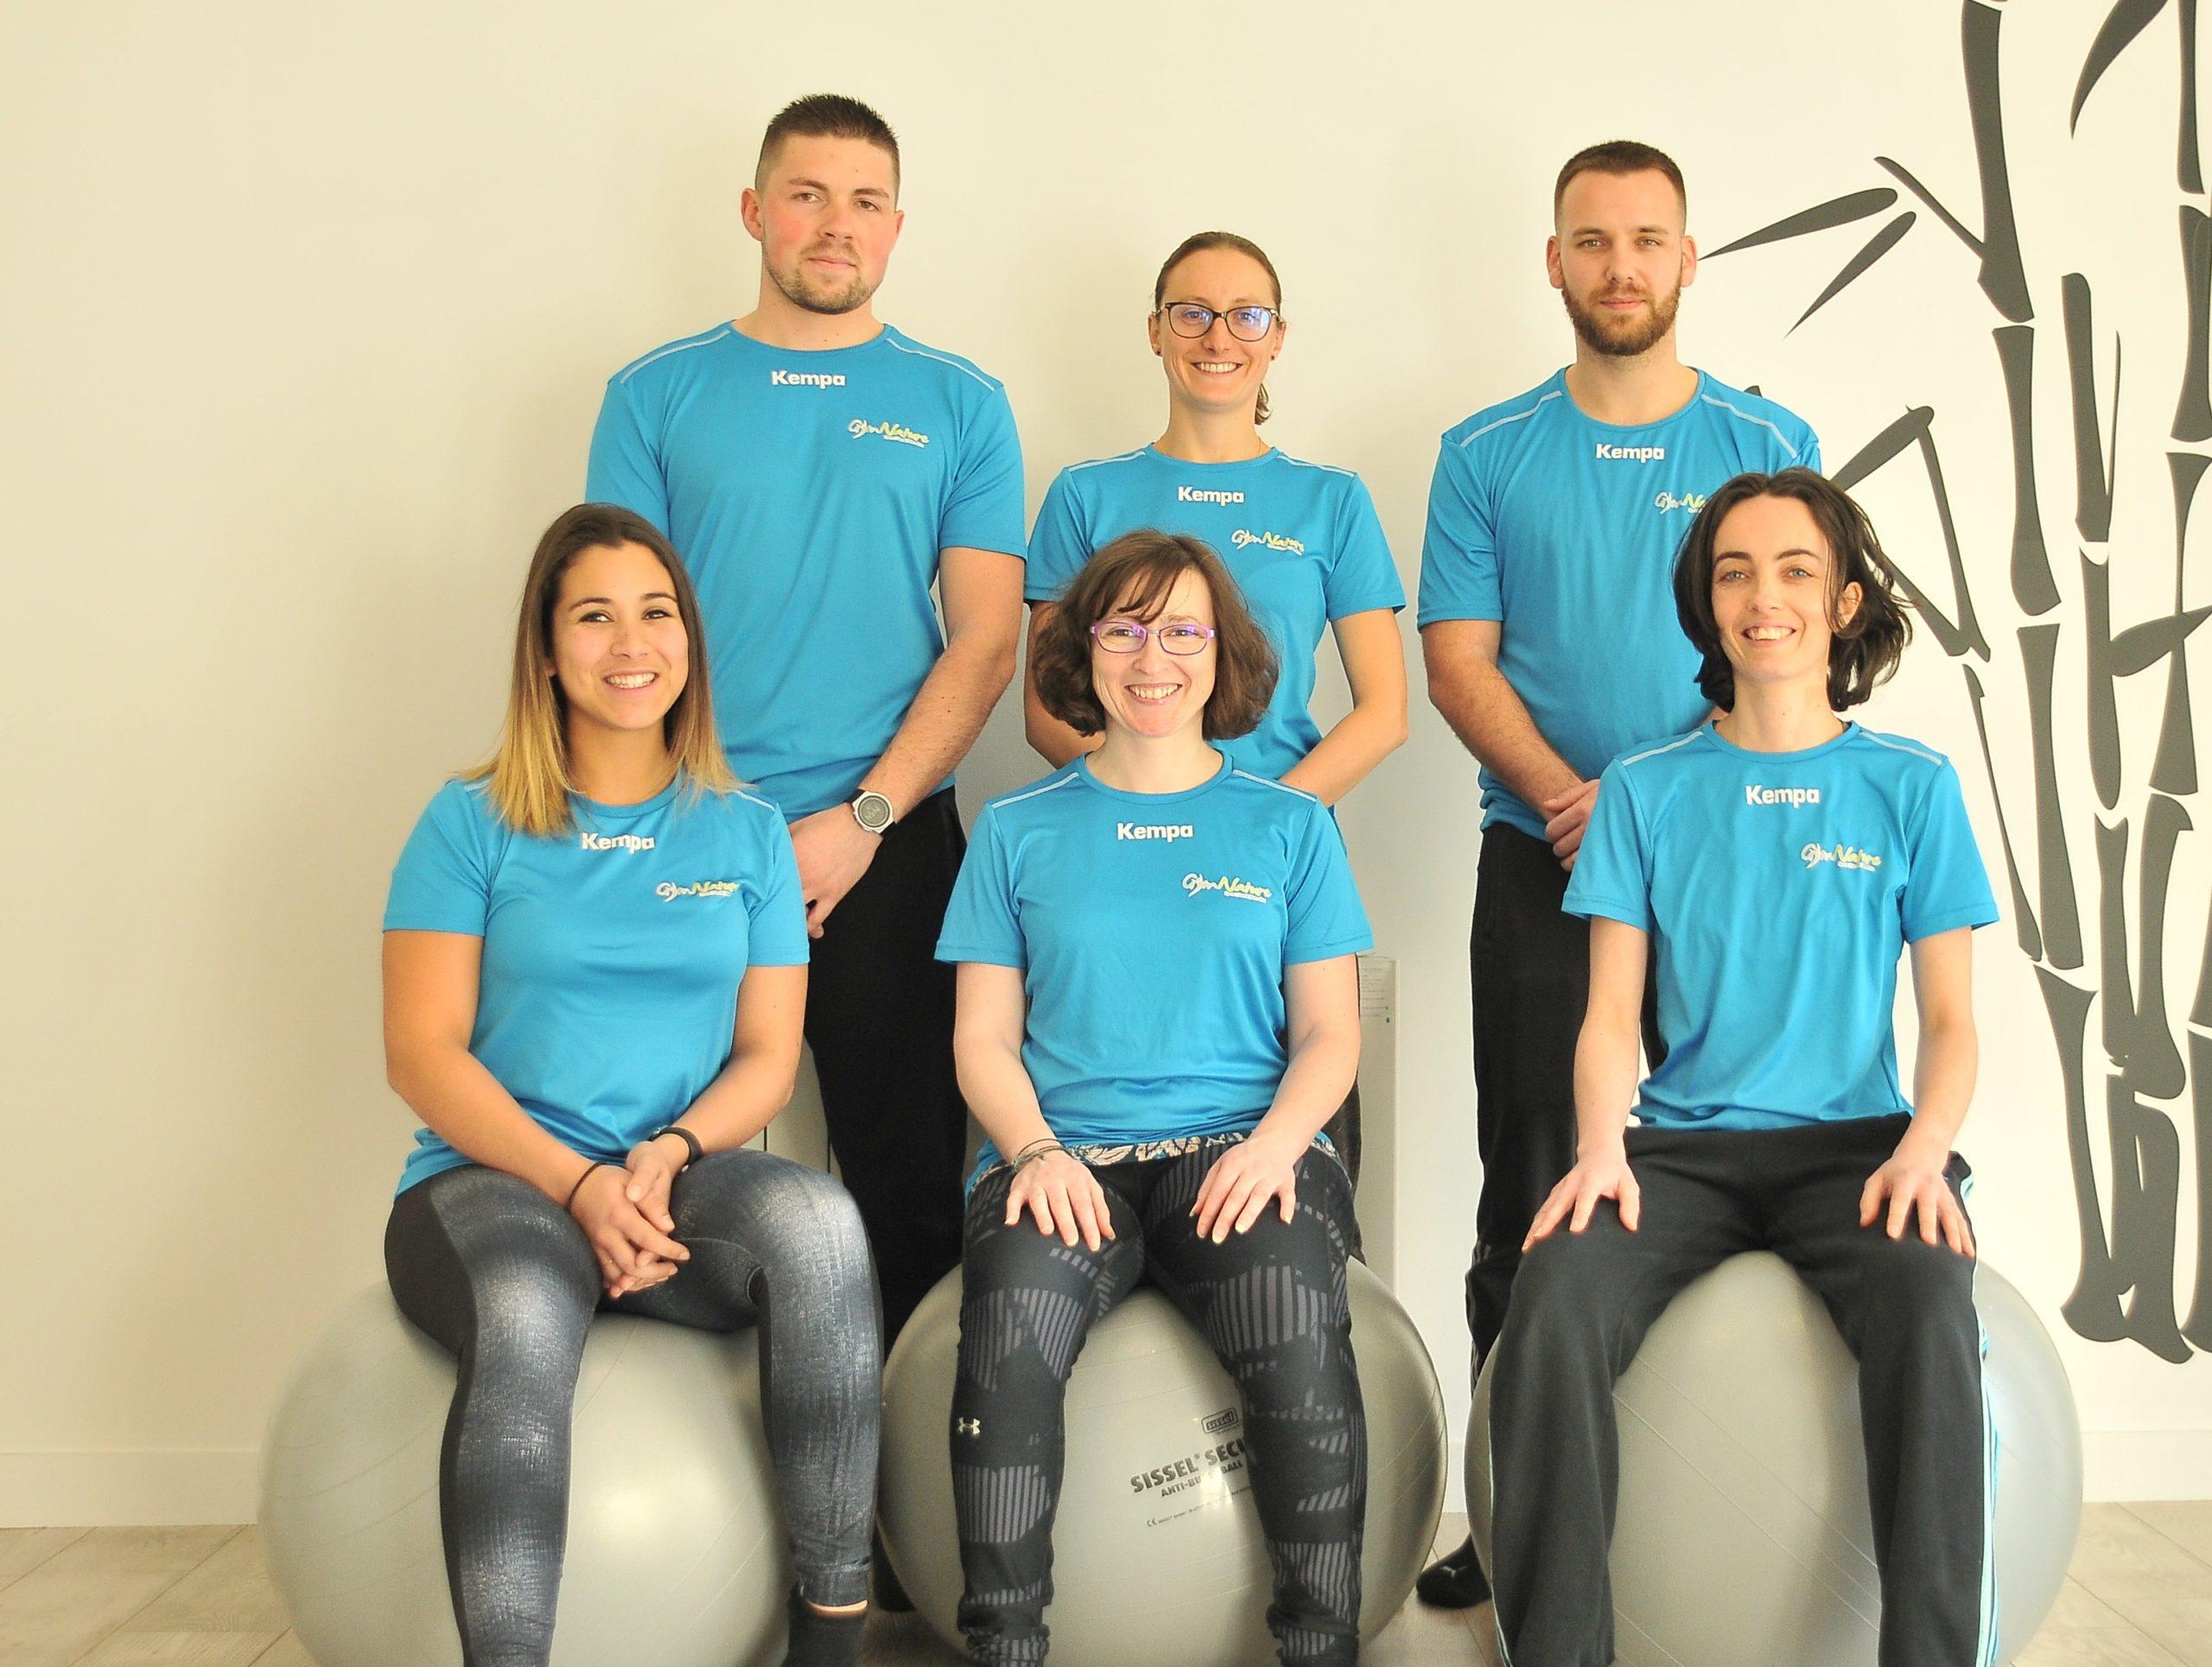 L'équipe de Beoforme